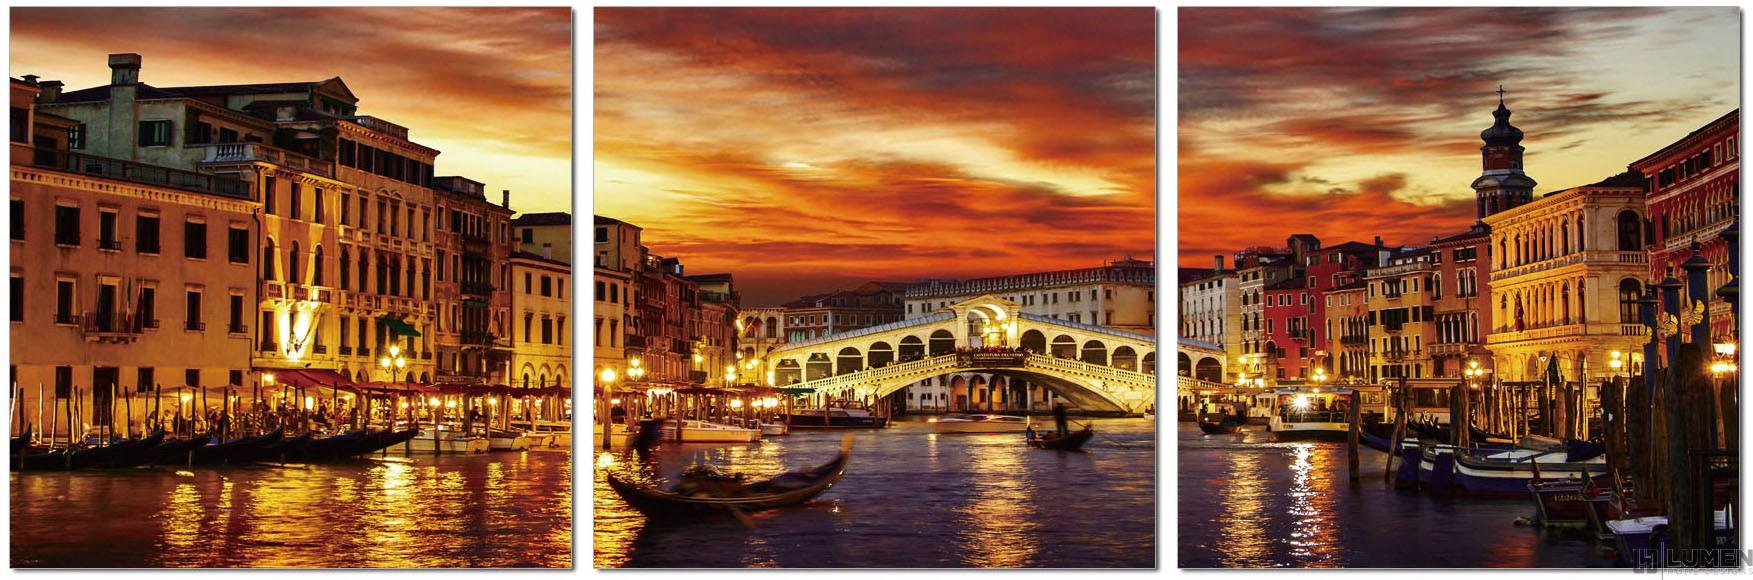 Venice At Dawn Wall Print Set